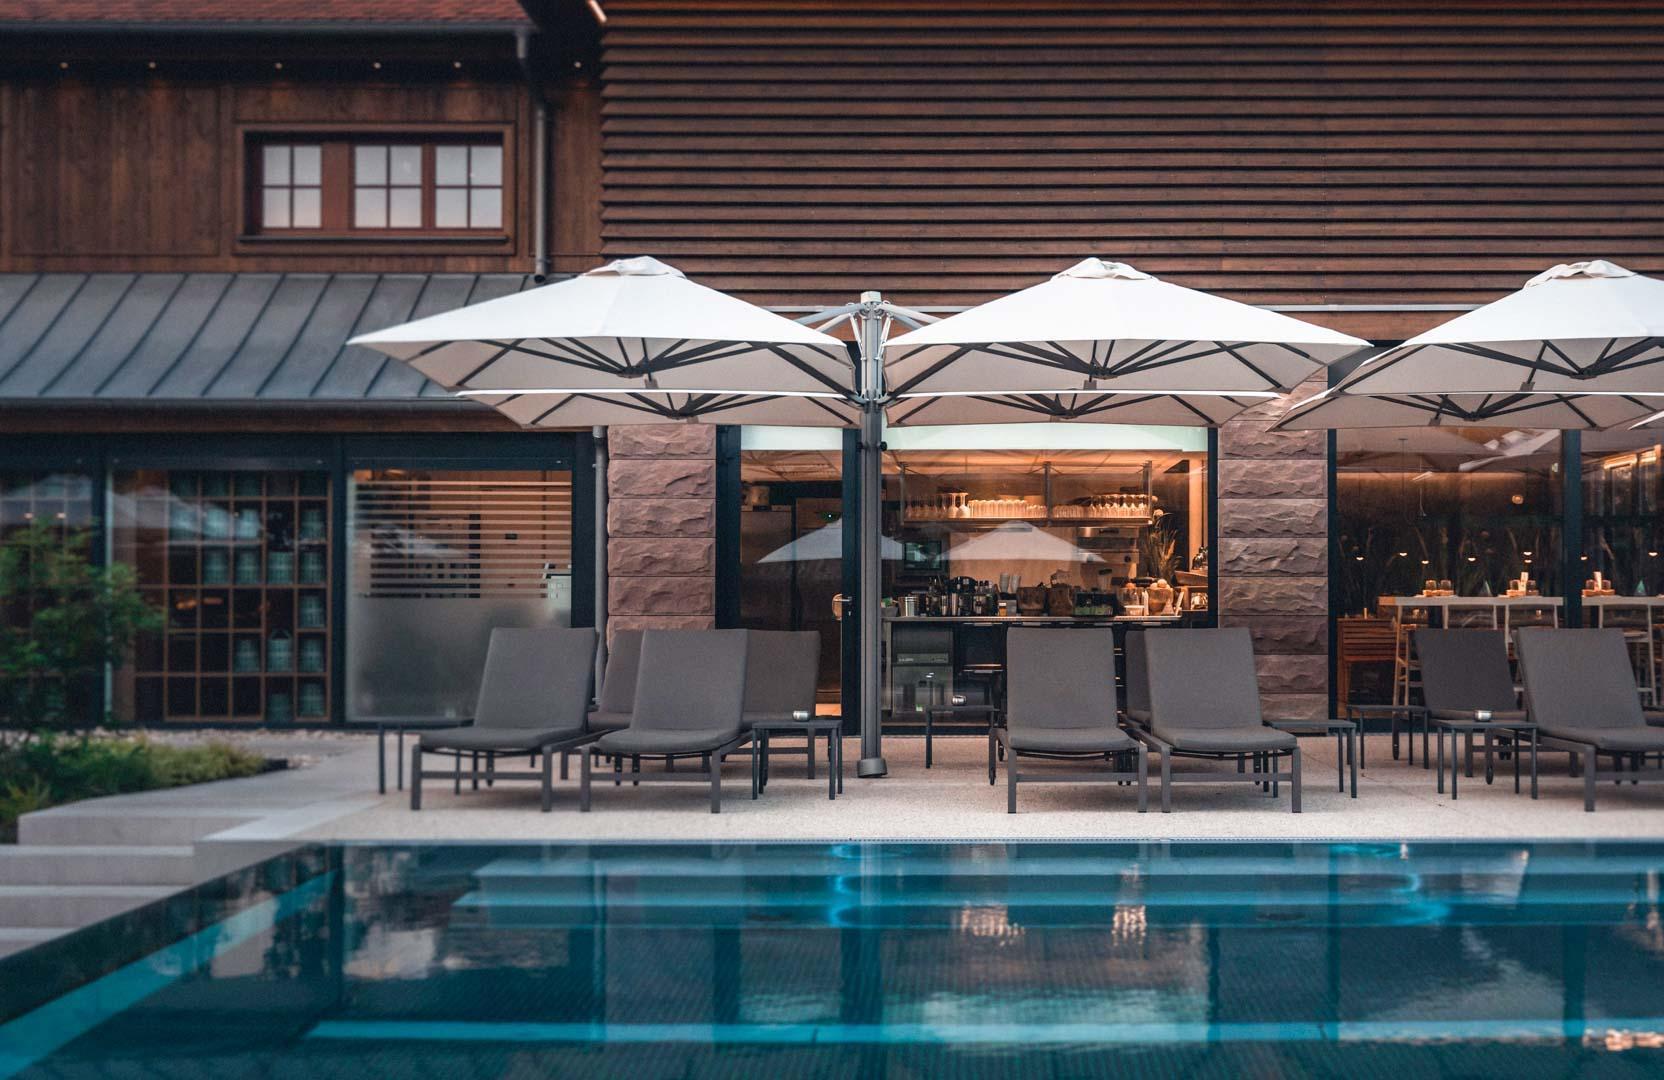 La terrasse extérieure du spa accueille une partie du Yuzu Bar ainsi qu'une piscine à débordement au milieu d'un jardin © Nis&For